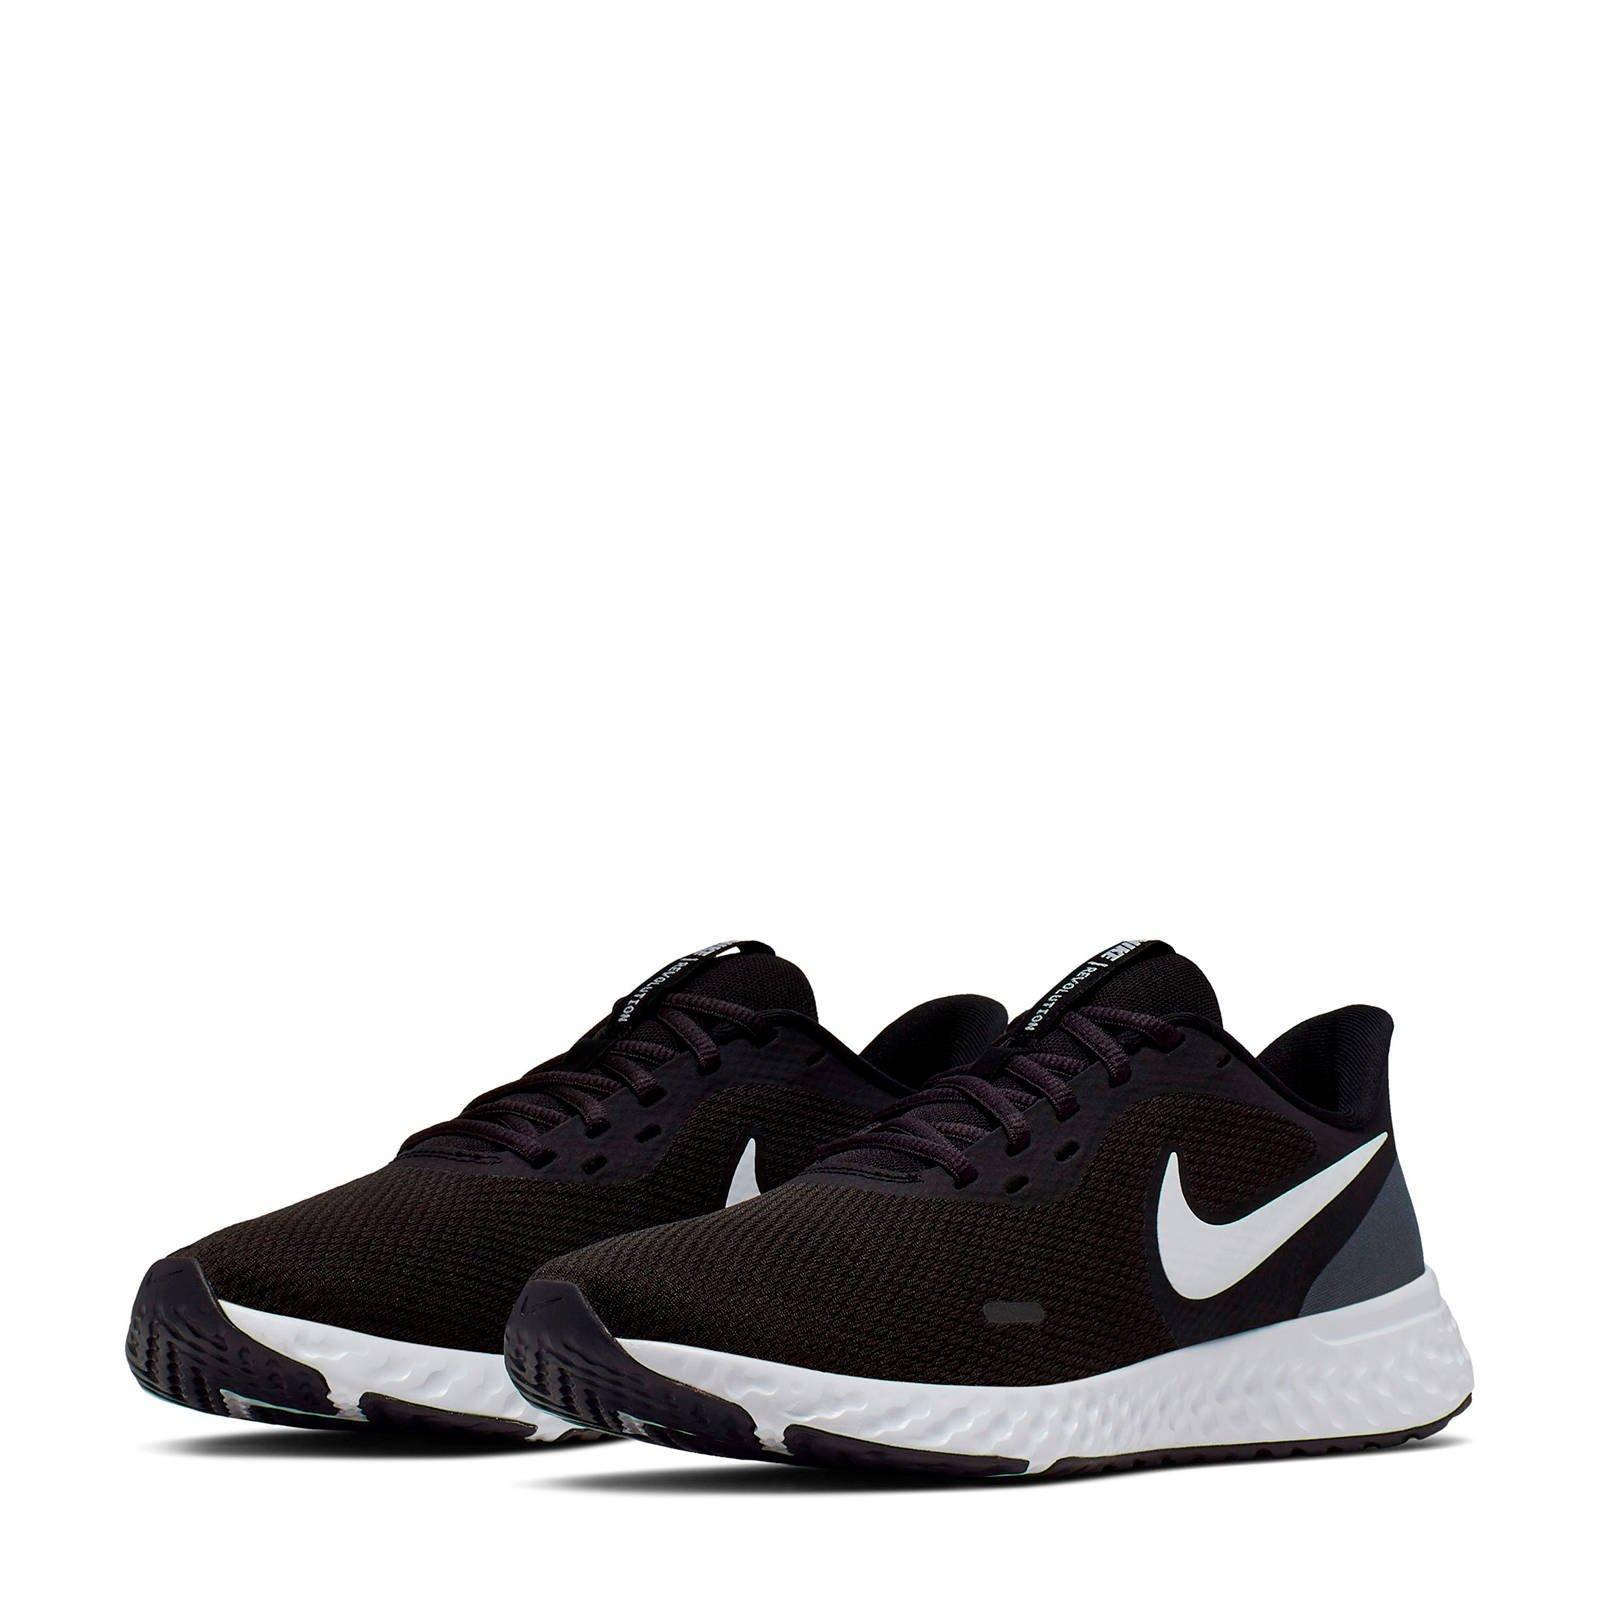 Nike Revolution 5 hardloopschoenen zwart/wit   wehkamp